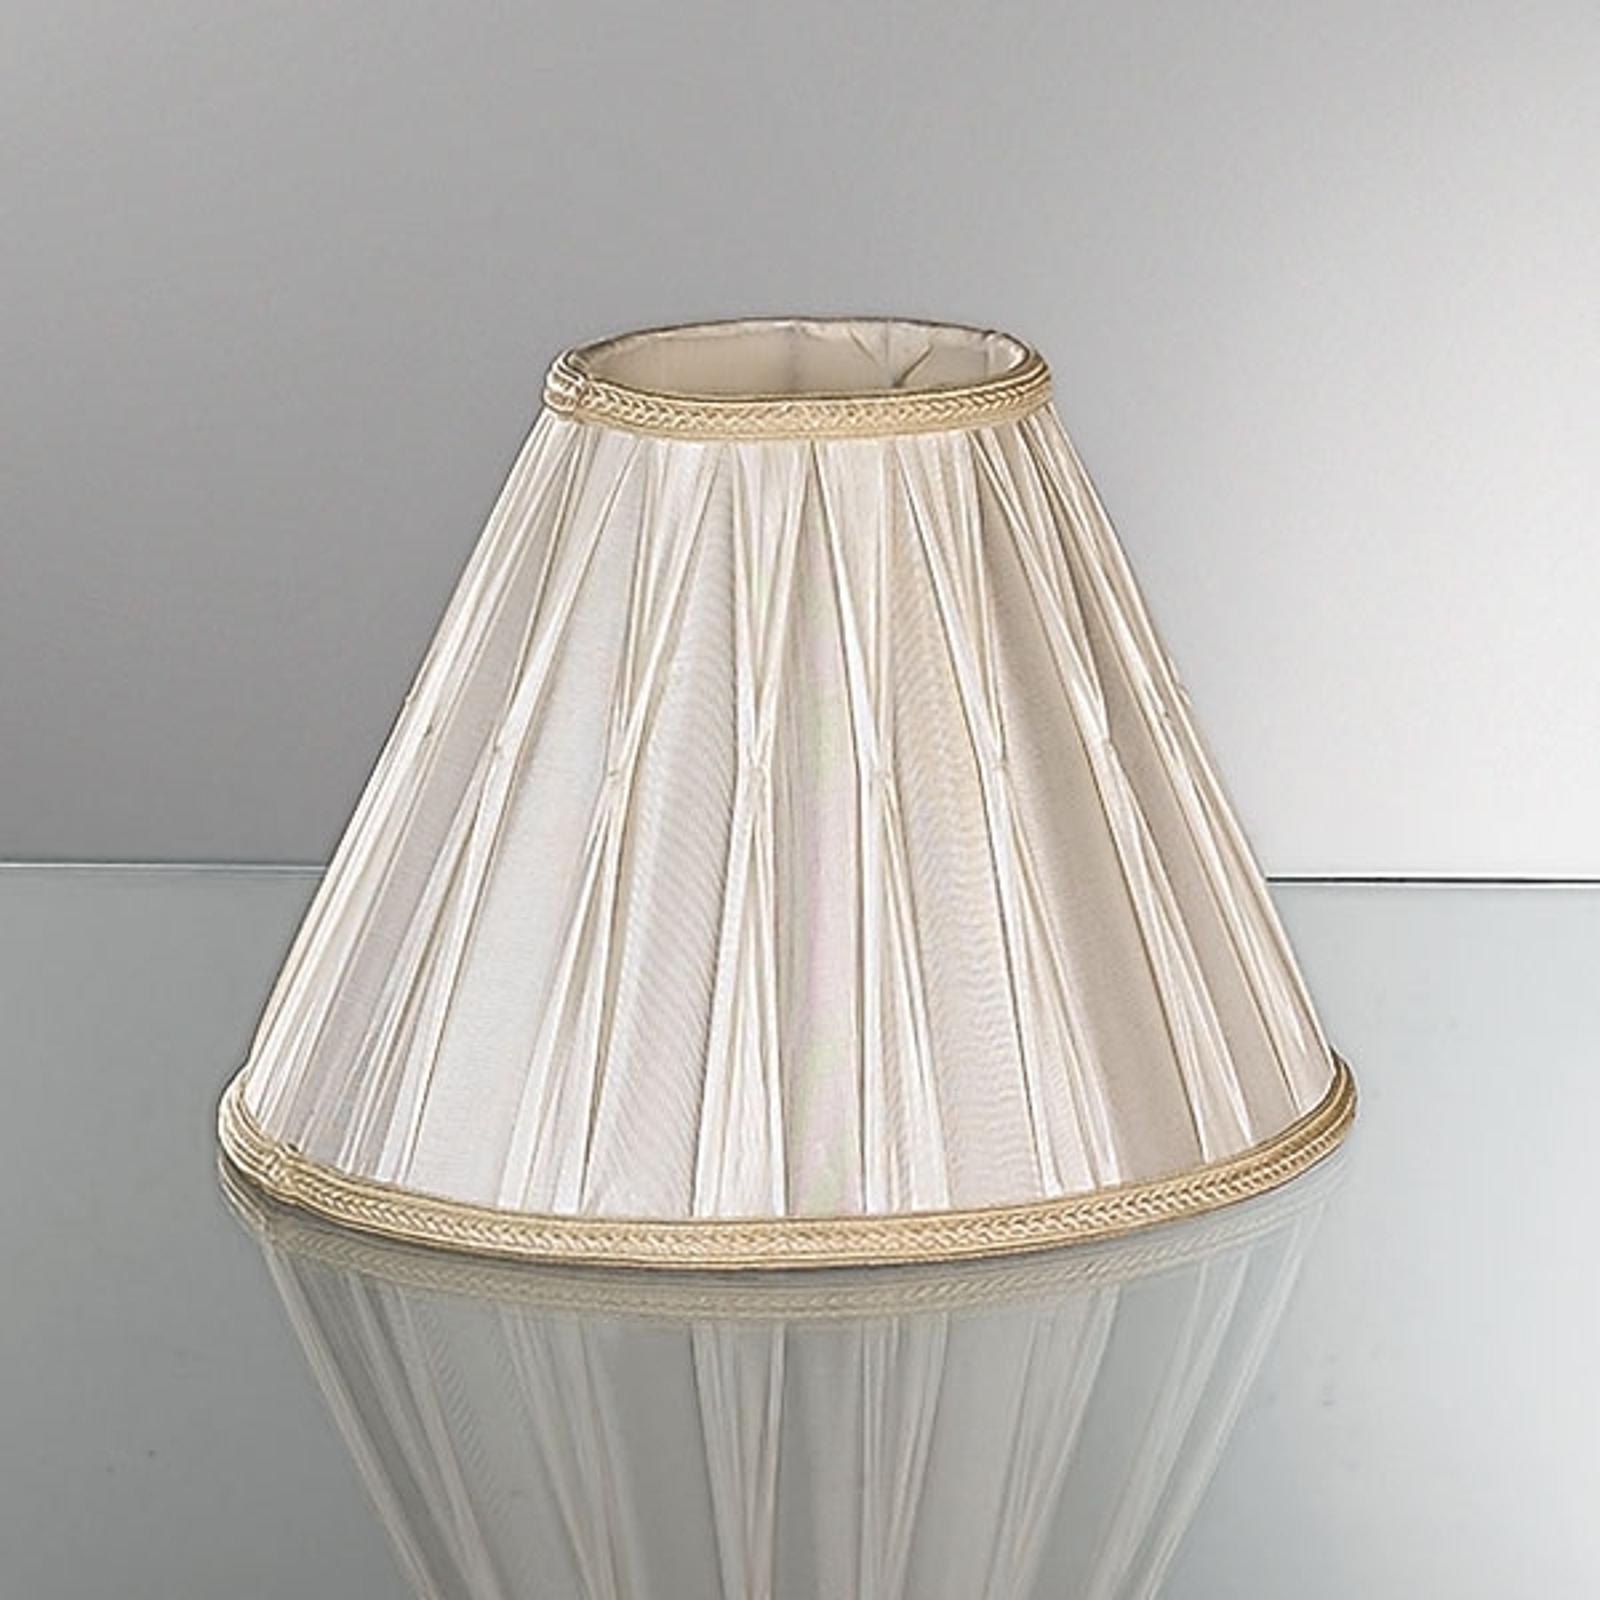 Laskostettu pöytävalaisimen varavarjostin, 30,5 cm